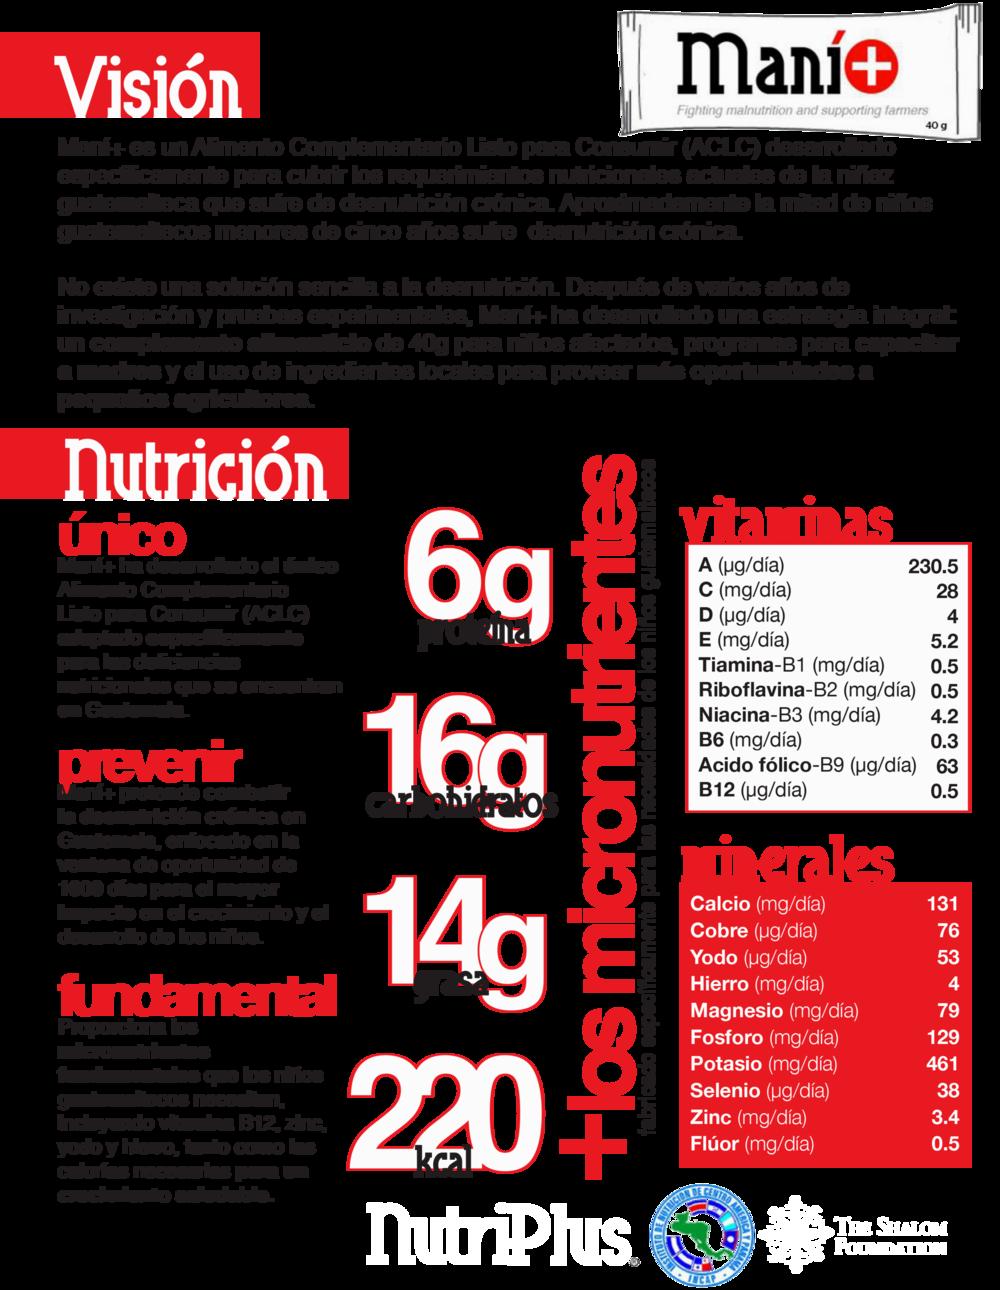 Info Sheet espanol-1.png